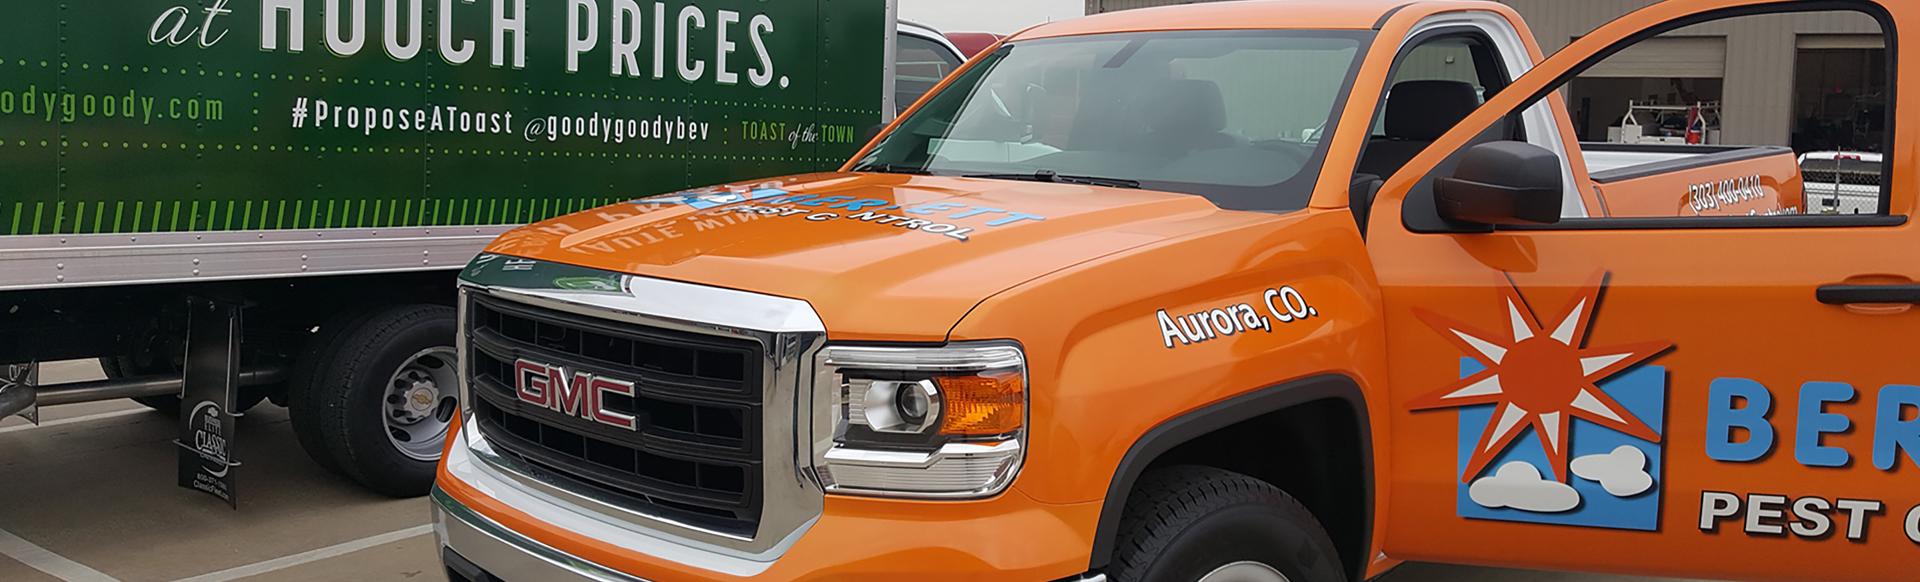 Truck Wraps in Dallas TX, DFW, Plano TX, Carrollton TX, Frisco TX